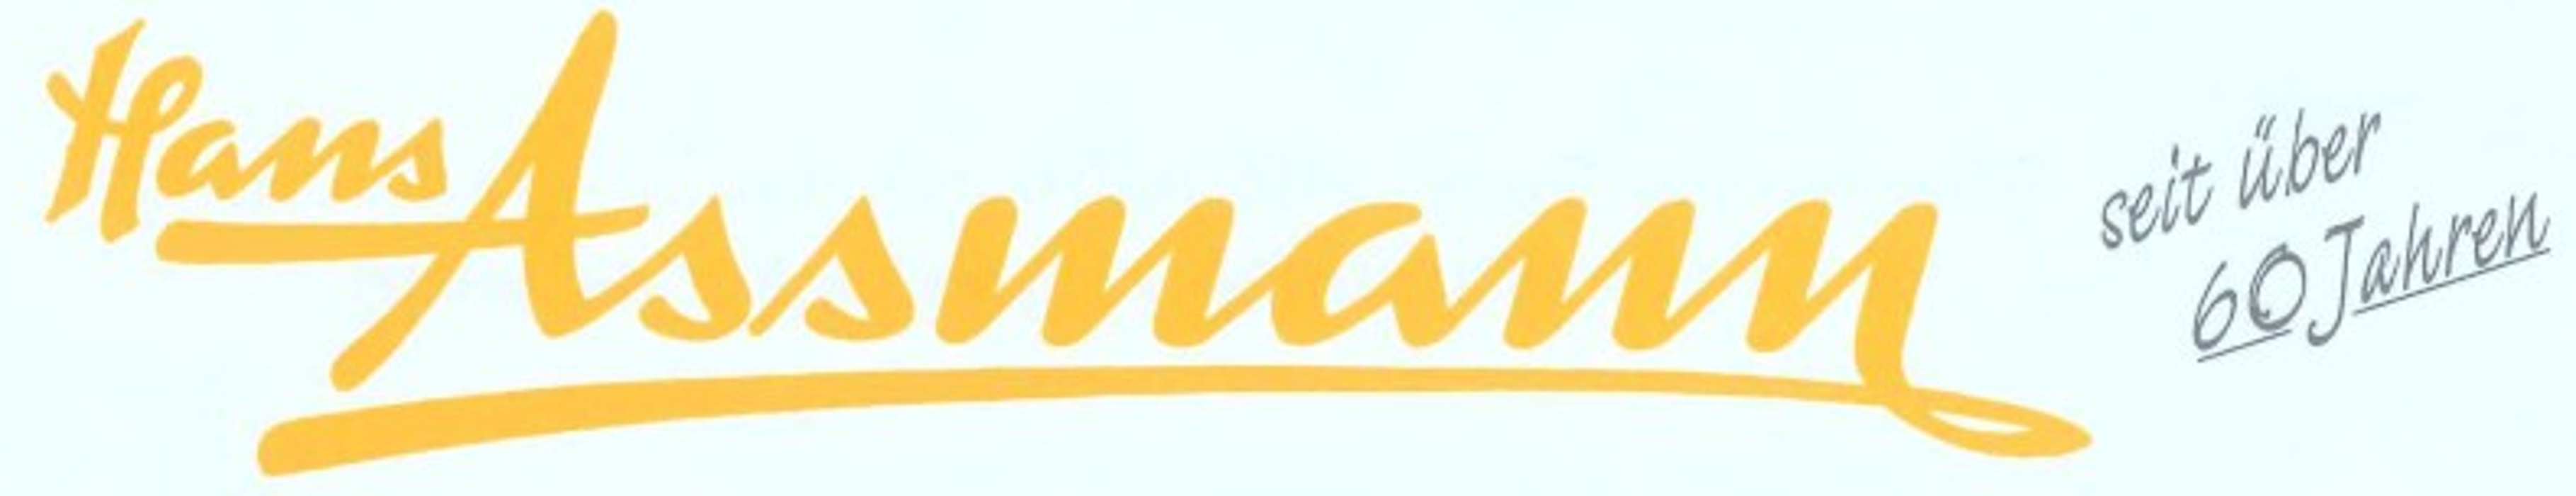 Logo von Hans Assmann OHG, Heizung - Sanitär - Klima